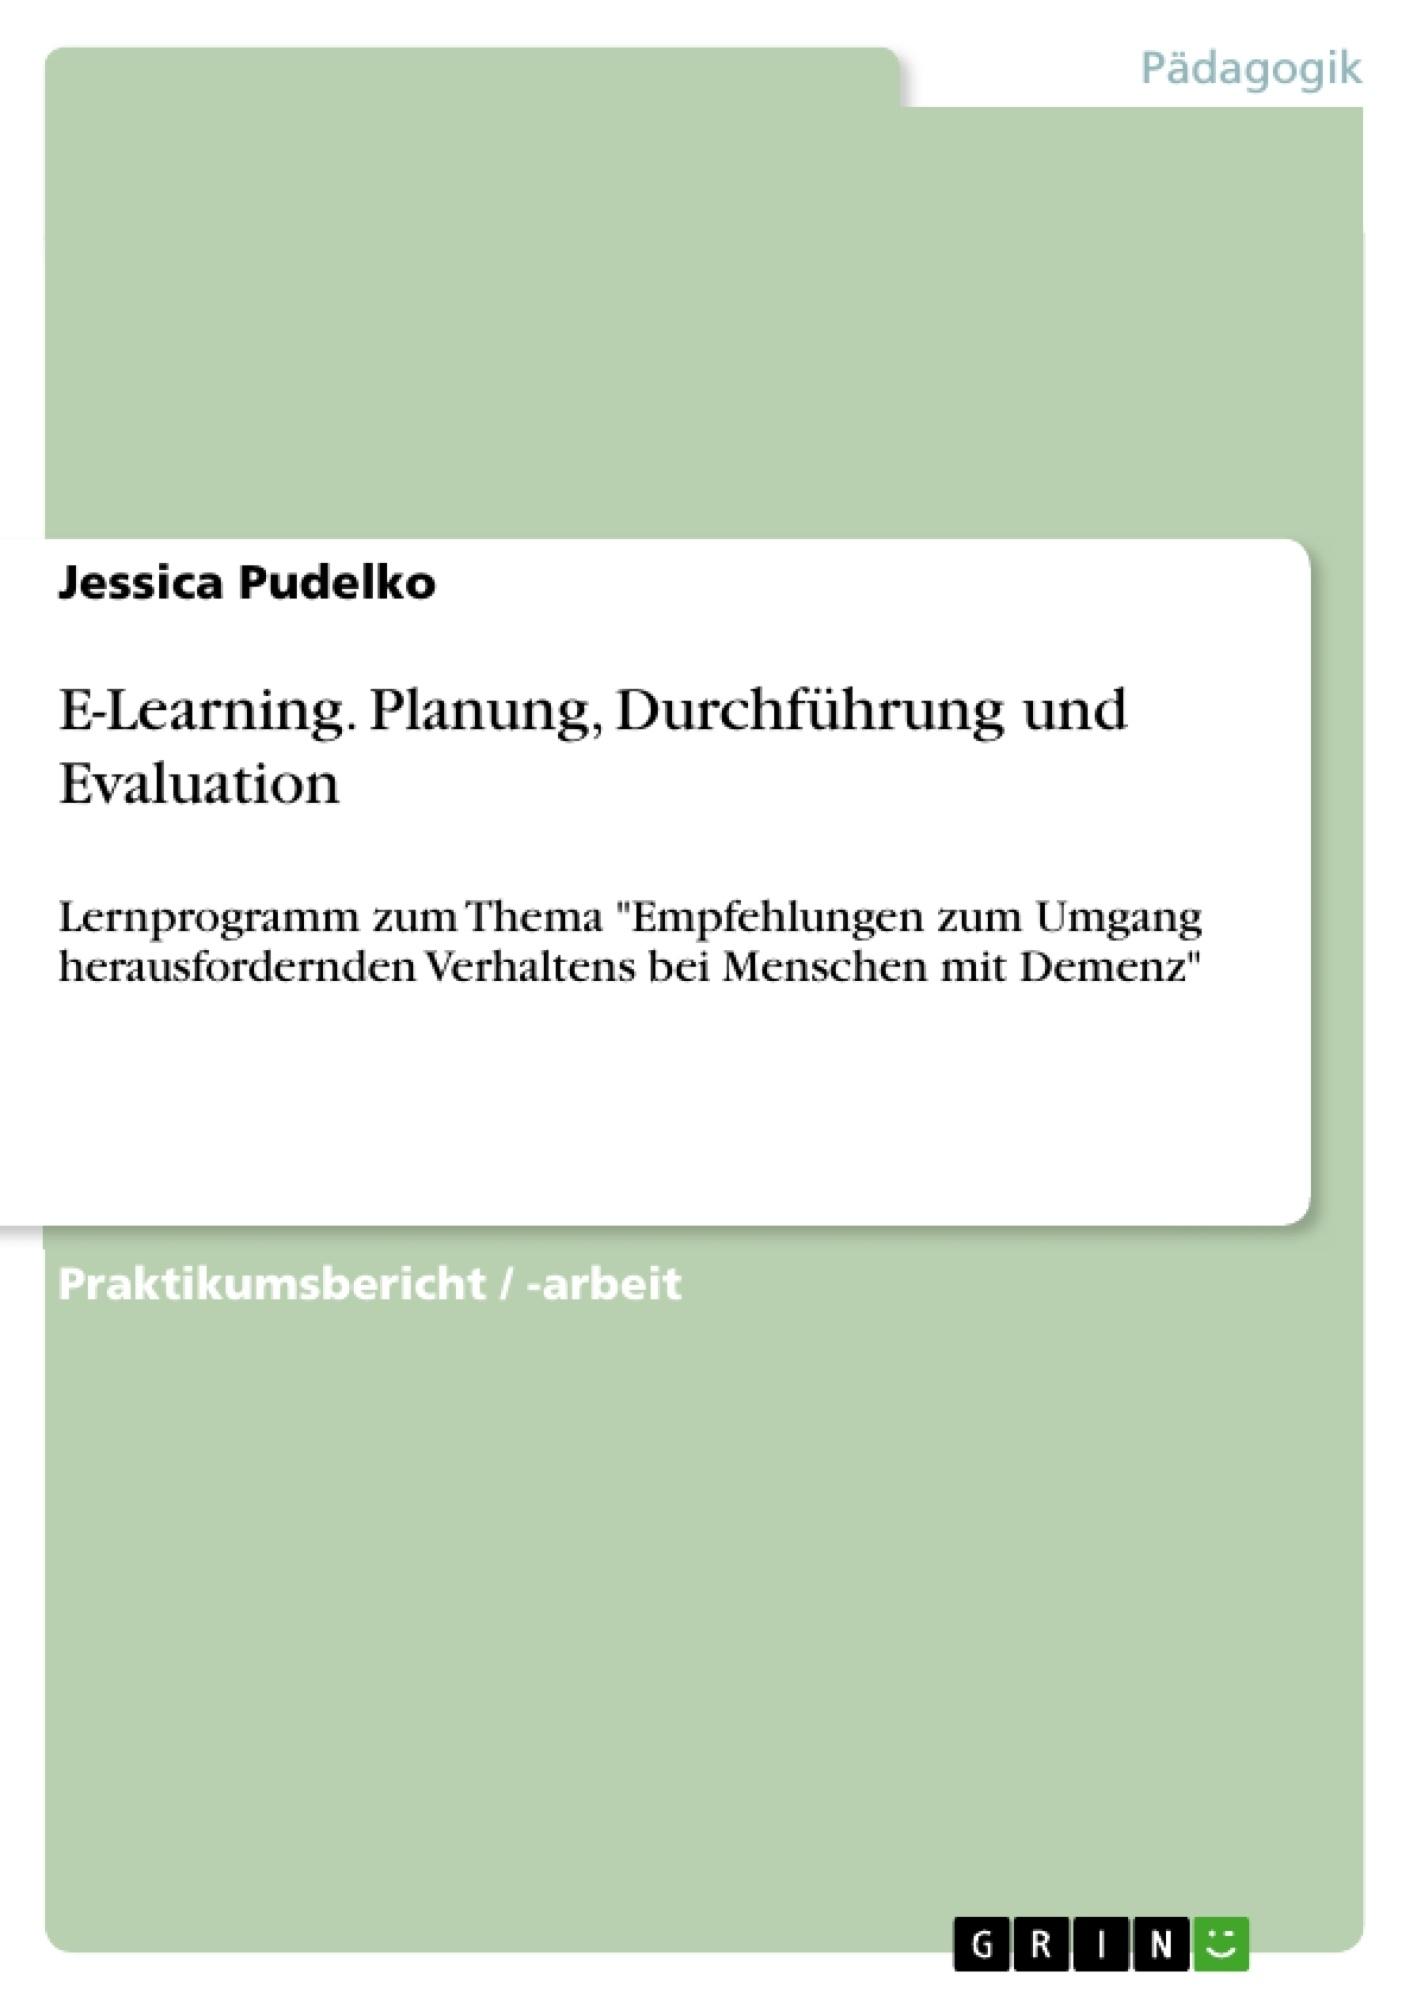 Titel: E-Learning. Planung, Durchführung und Evaluation